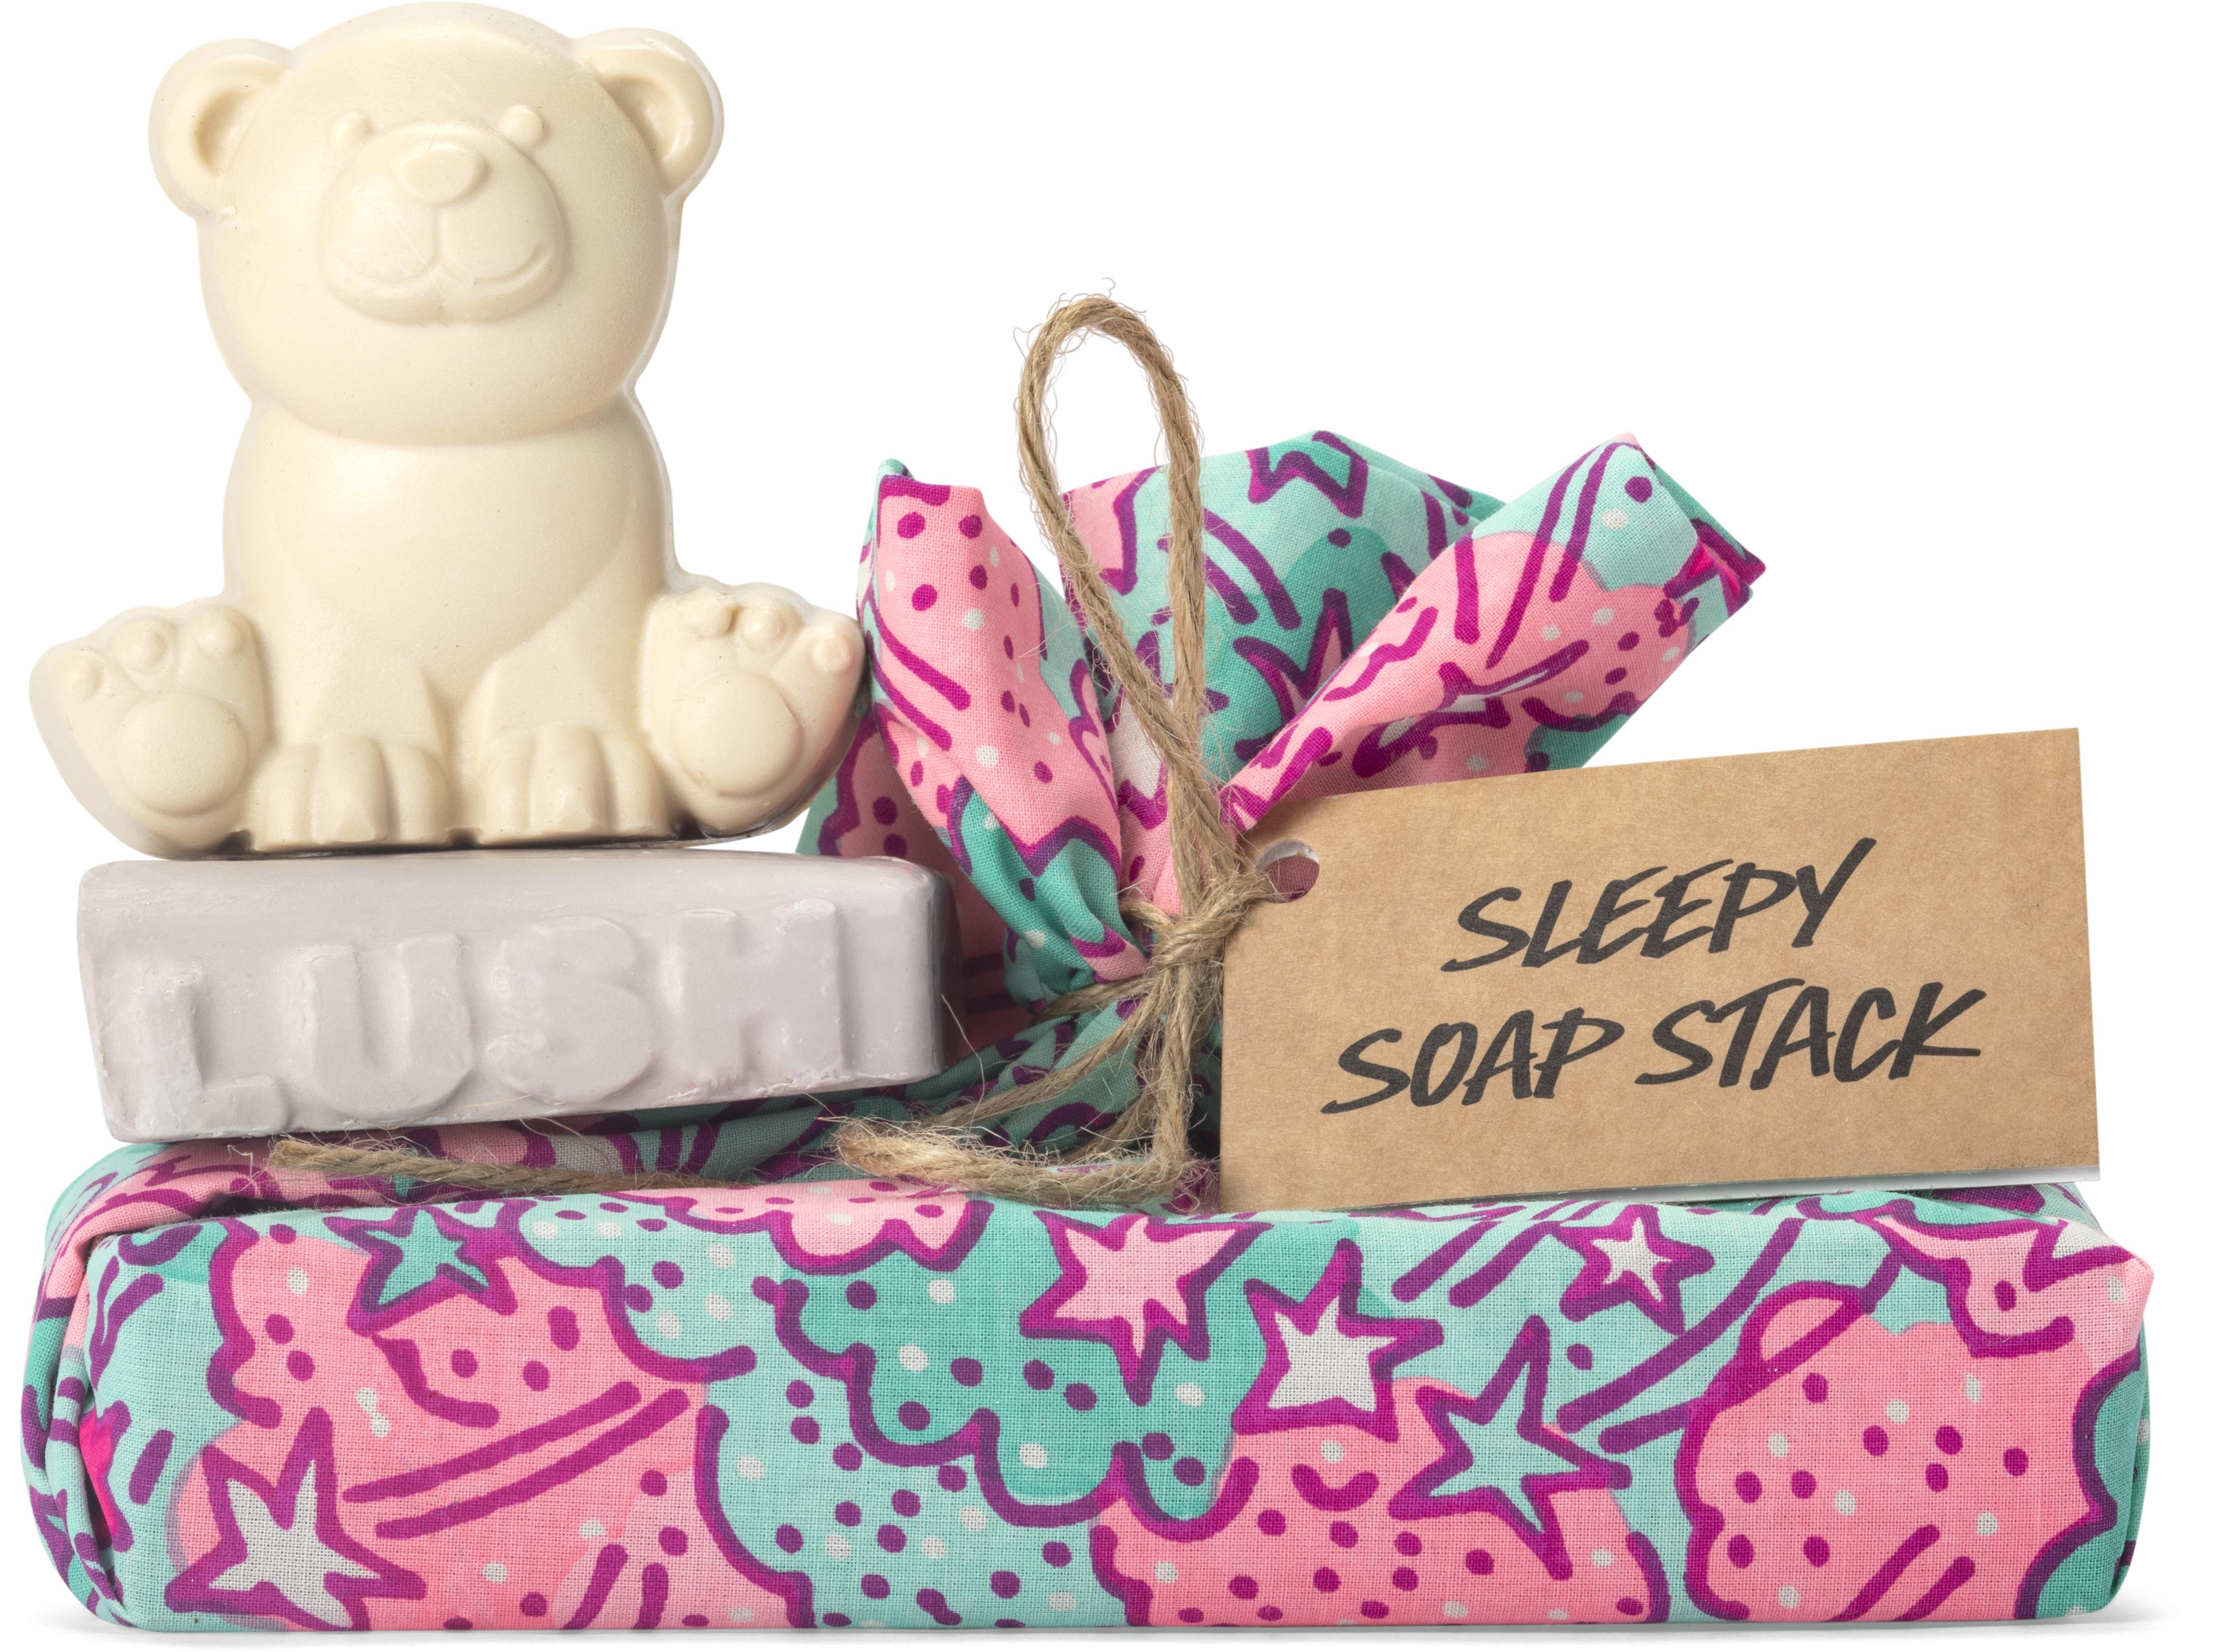 Sleepy Soap Stack (dois sabonetes e uma toalha), Lush, €17,50